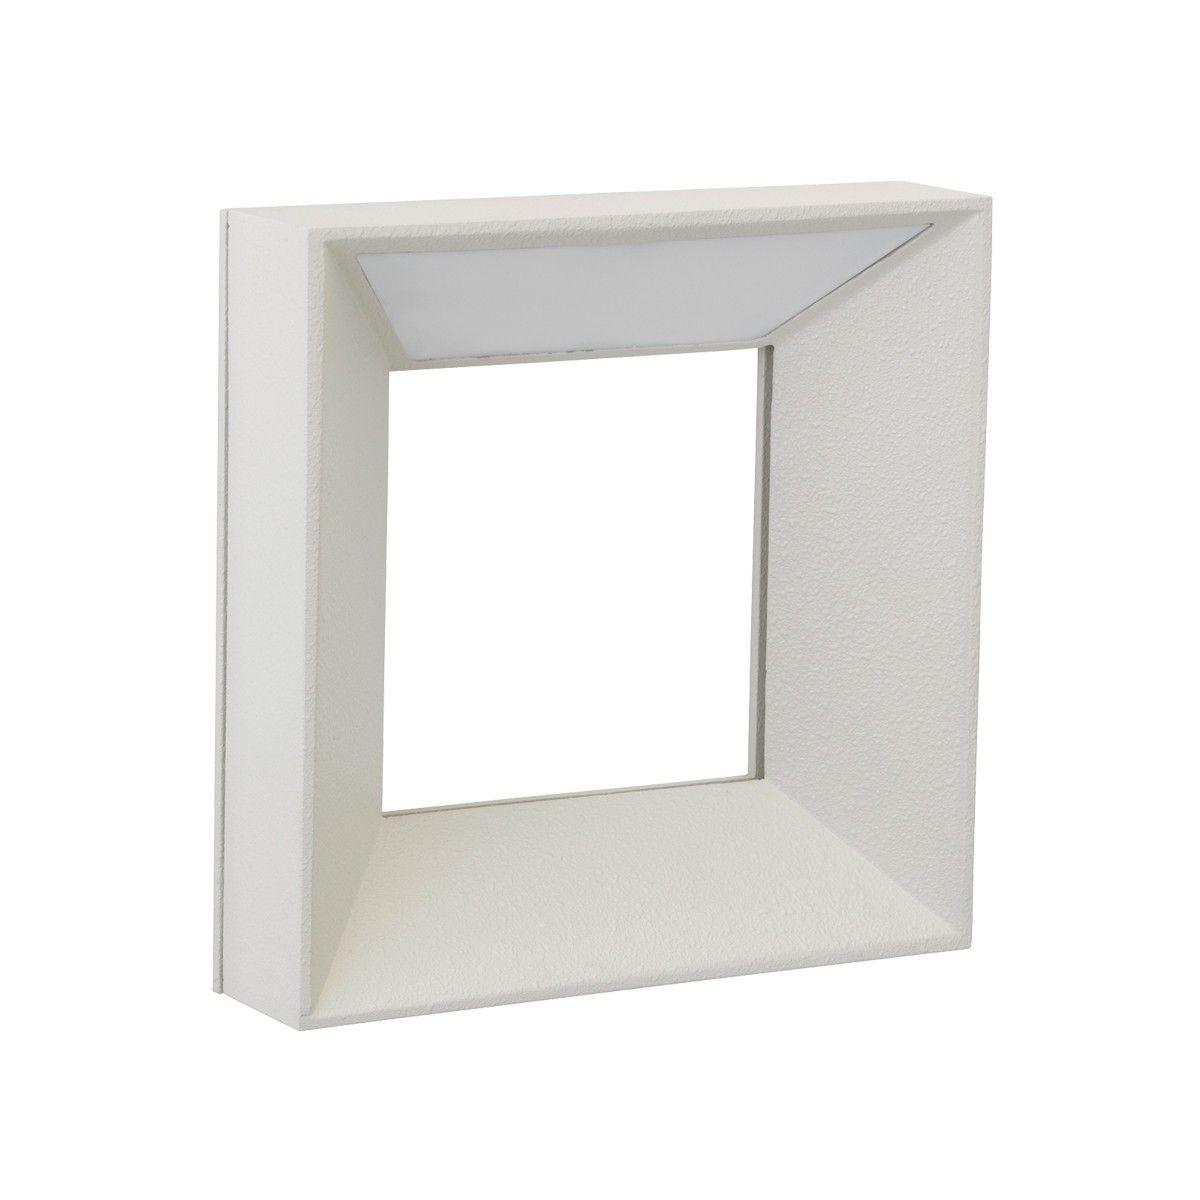 Led Punktstrahler Außen Außenlampen Antik Weiß Leuchten